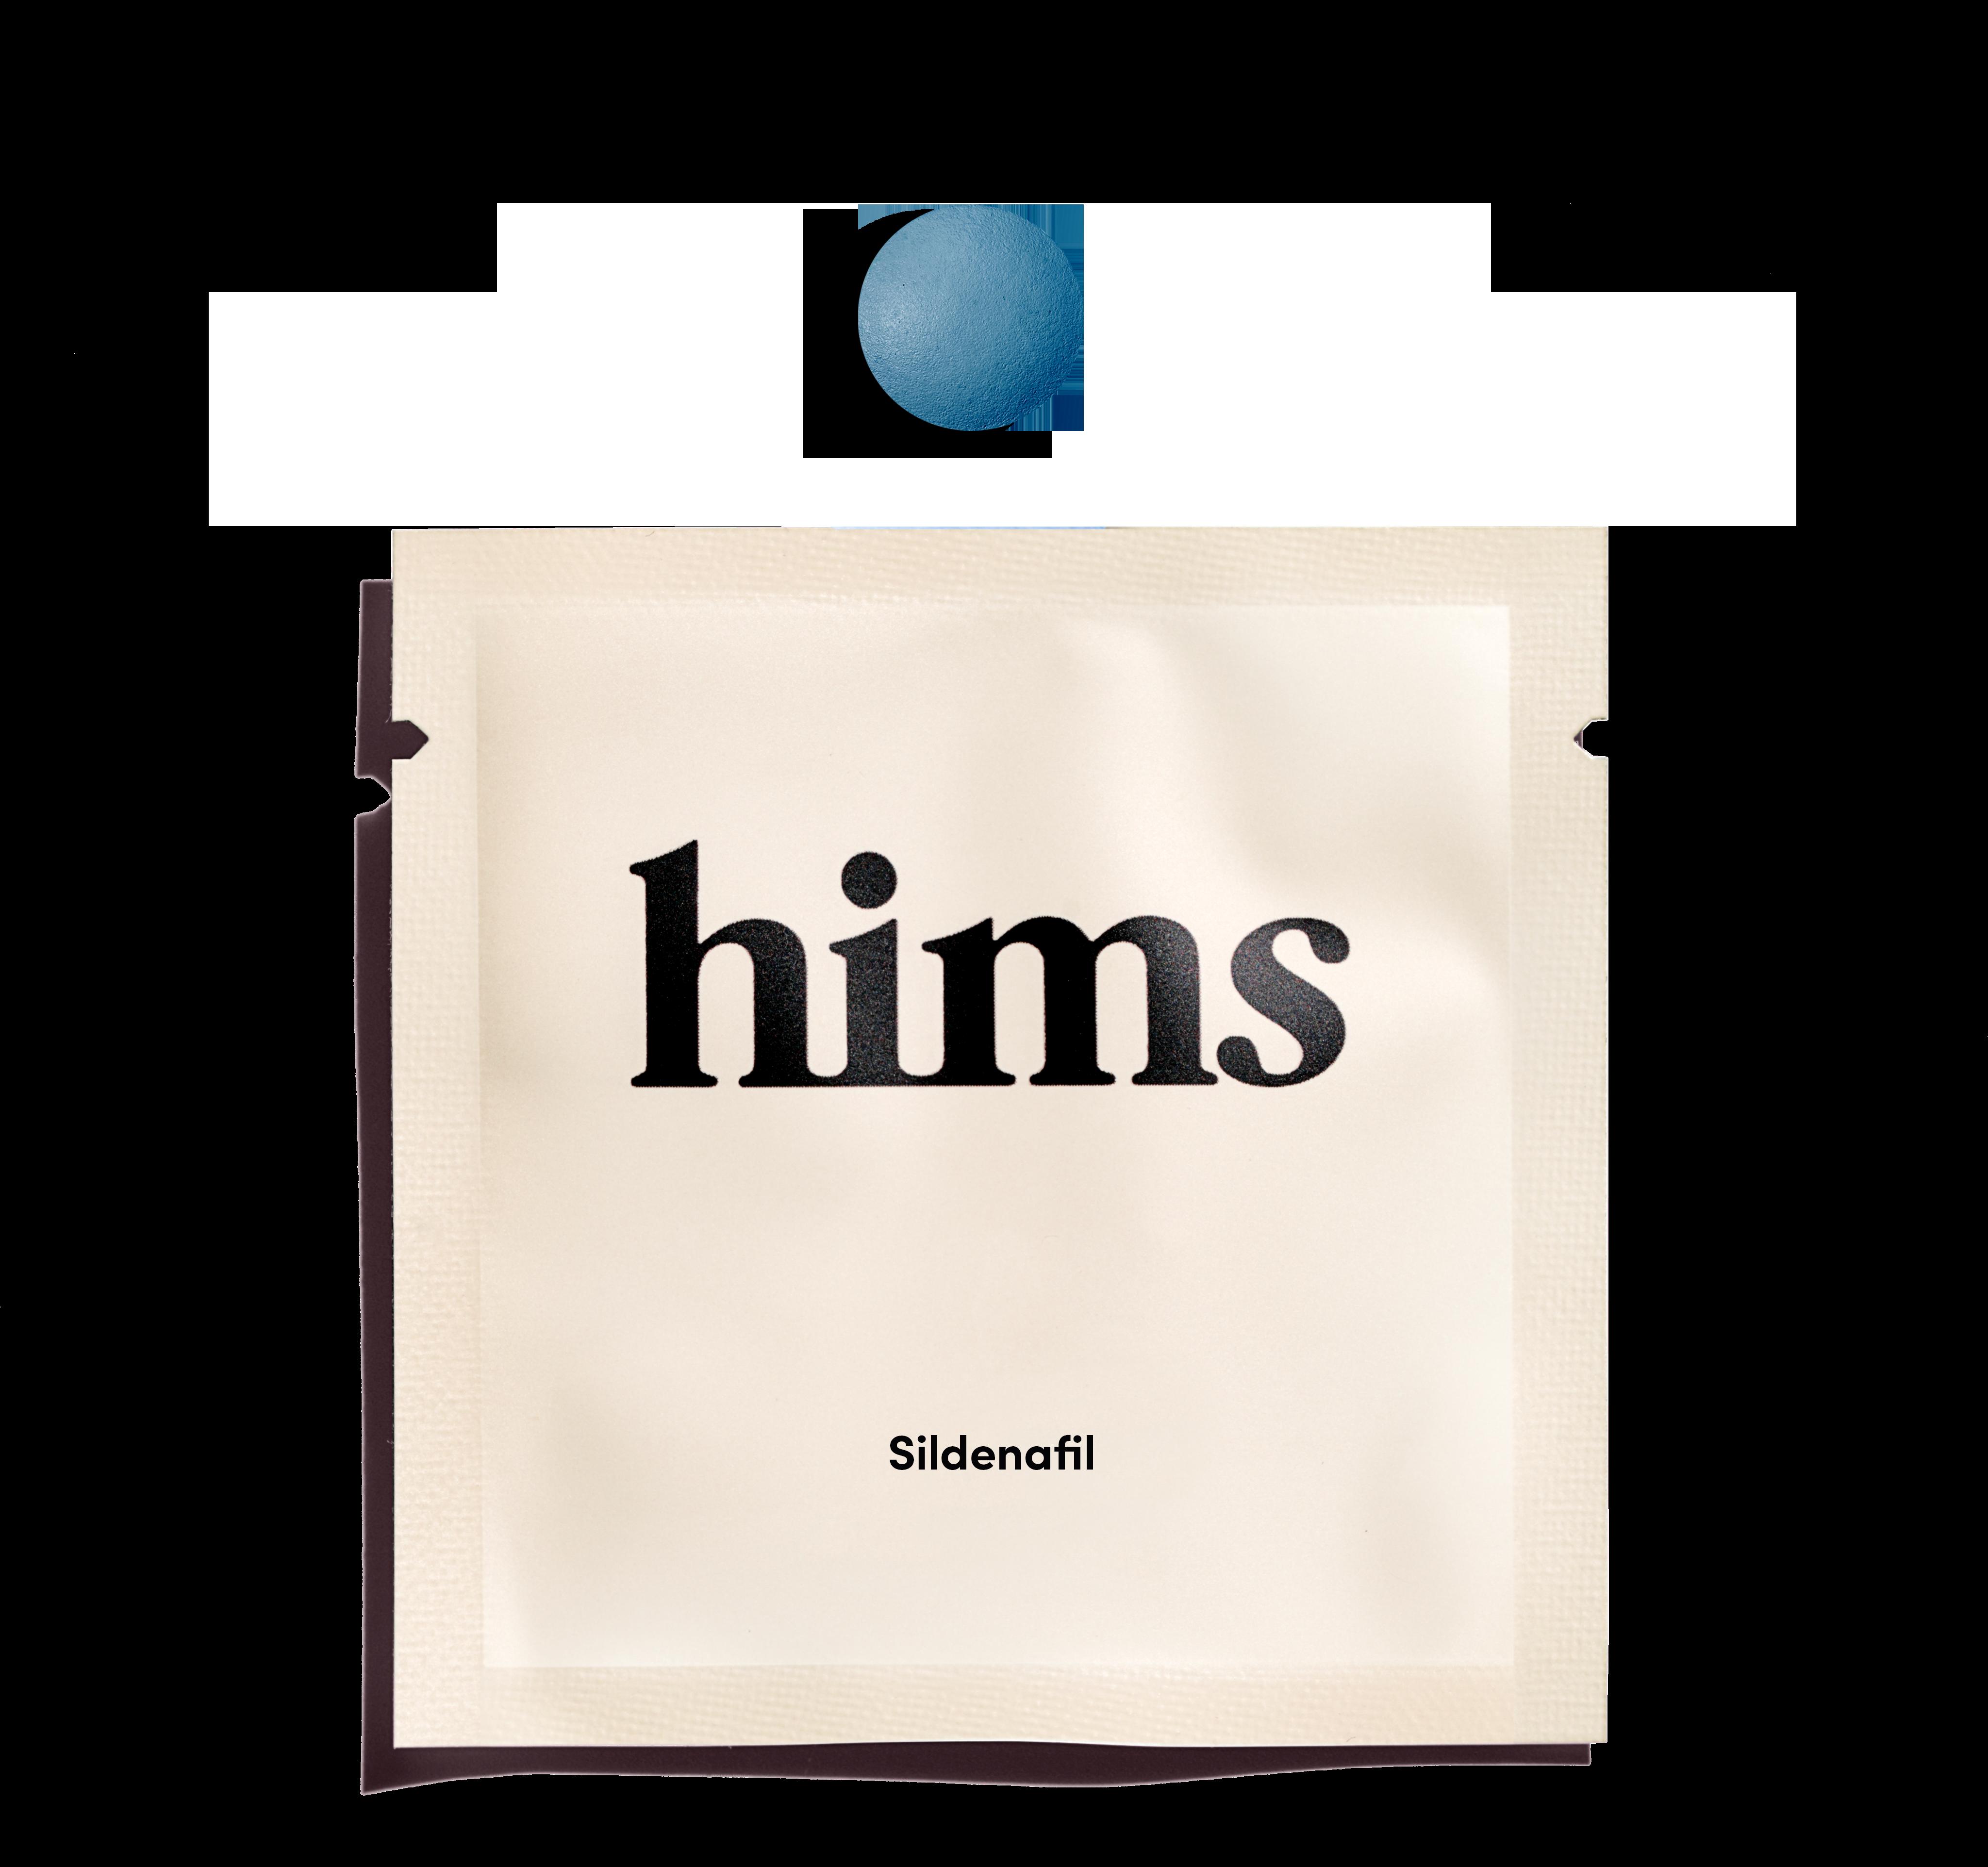 Sildenafil packaging